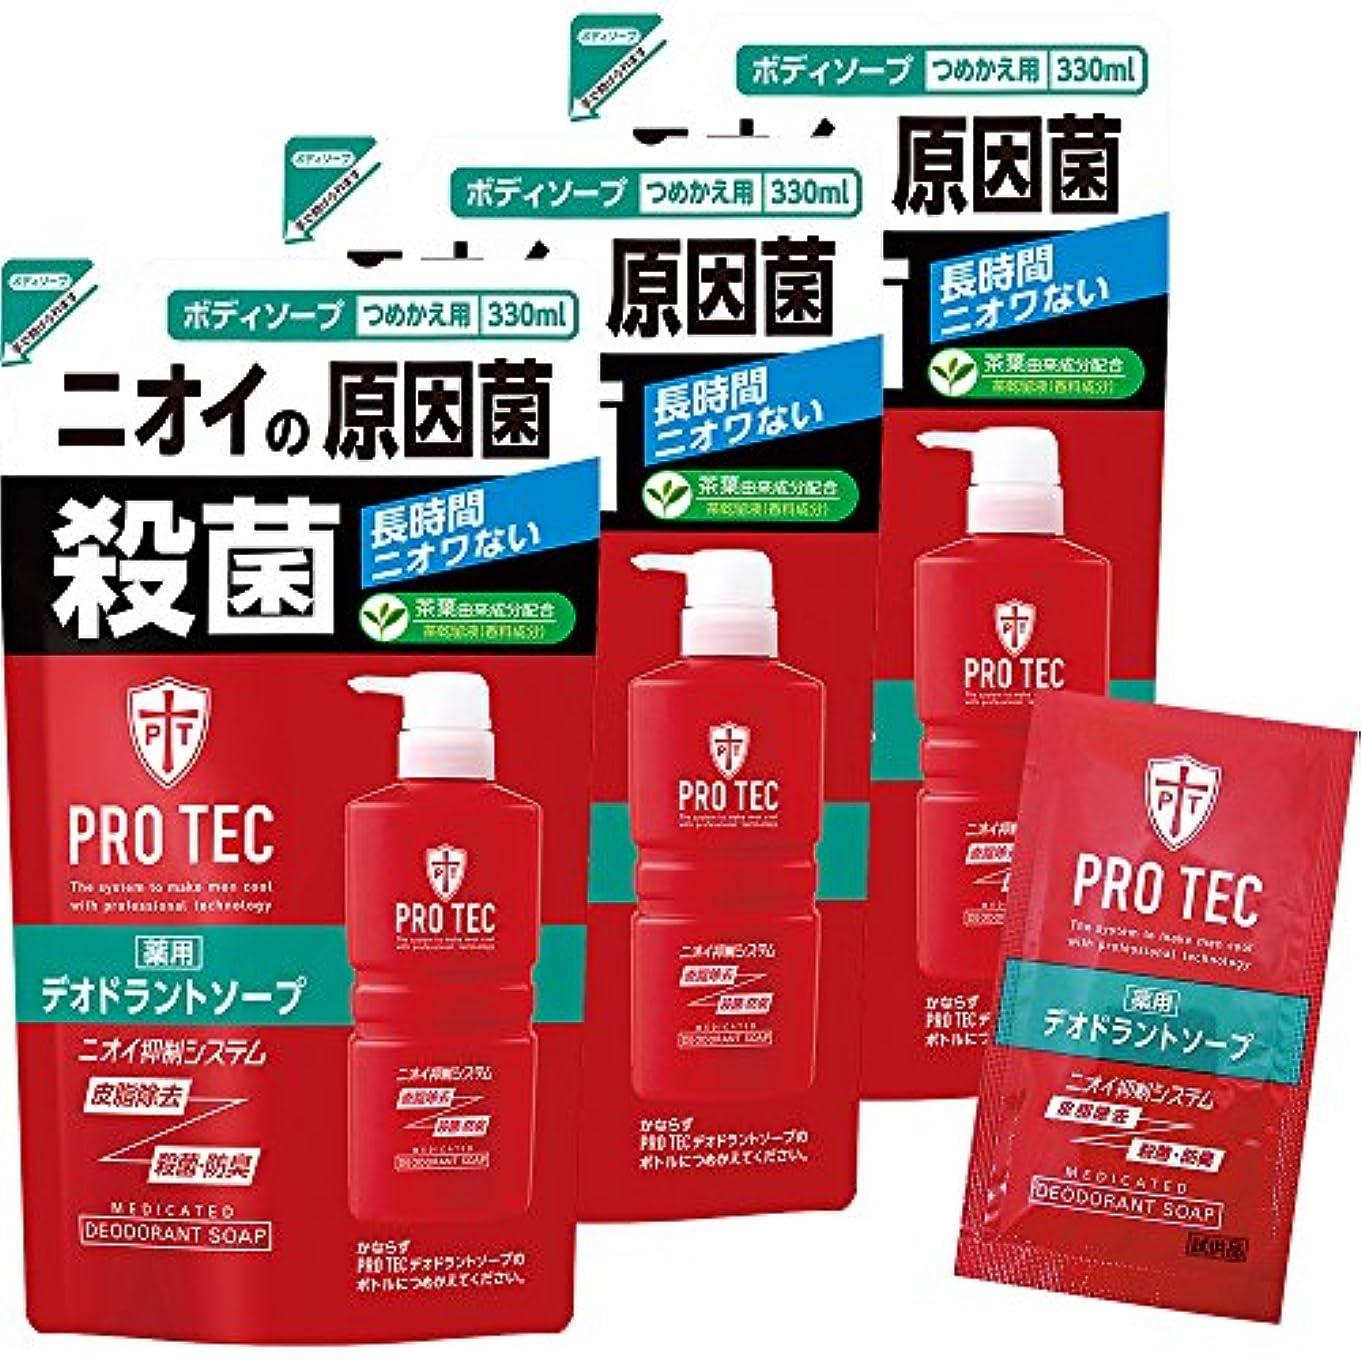 リード卒業推測する【Amazon.co.jp限定】PRO TEC(プロテク) デオドラントソープ 詰め替え330ml×3個パック+デオドラントソープ1回分付(医薬部外品)